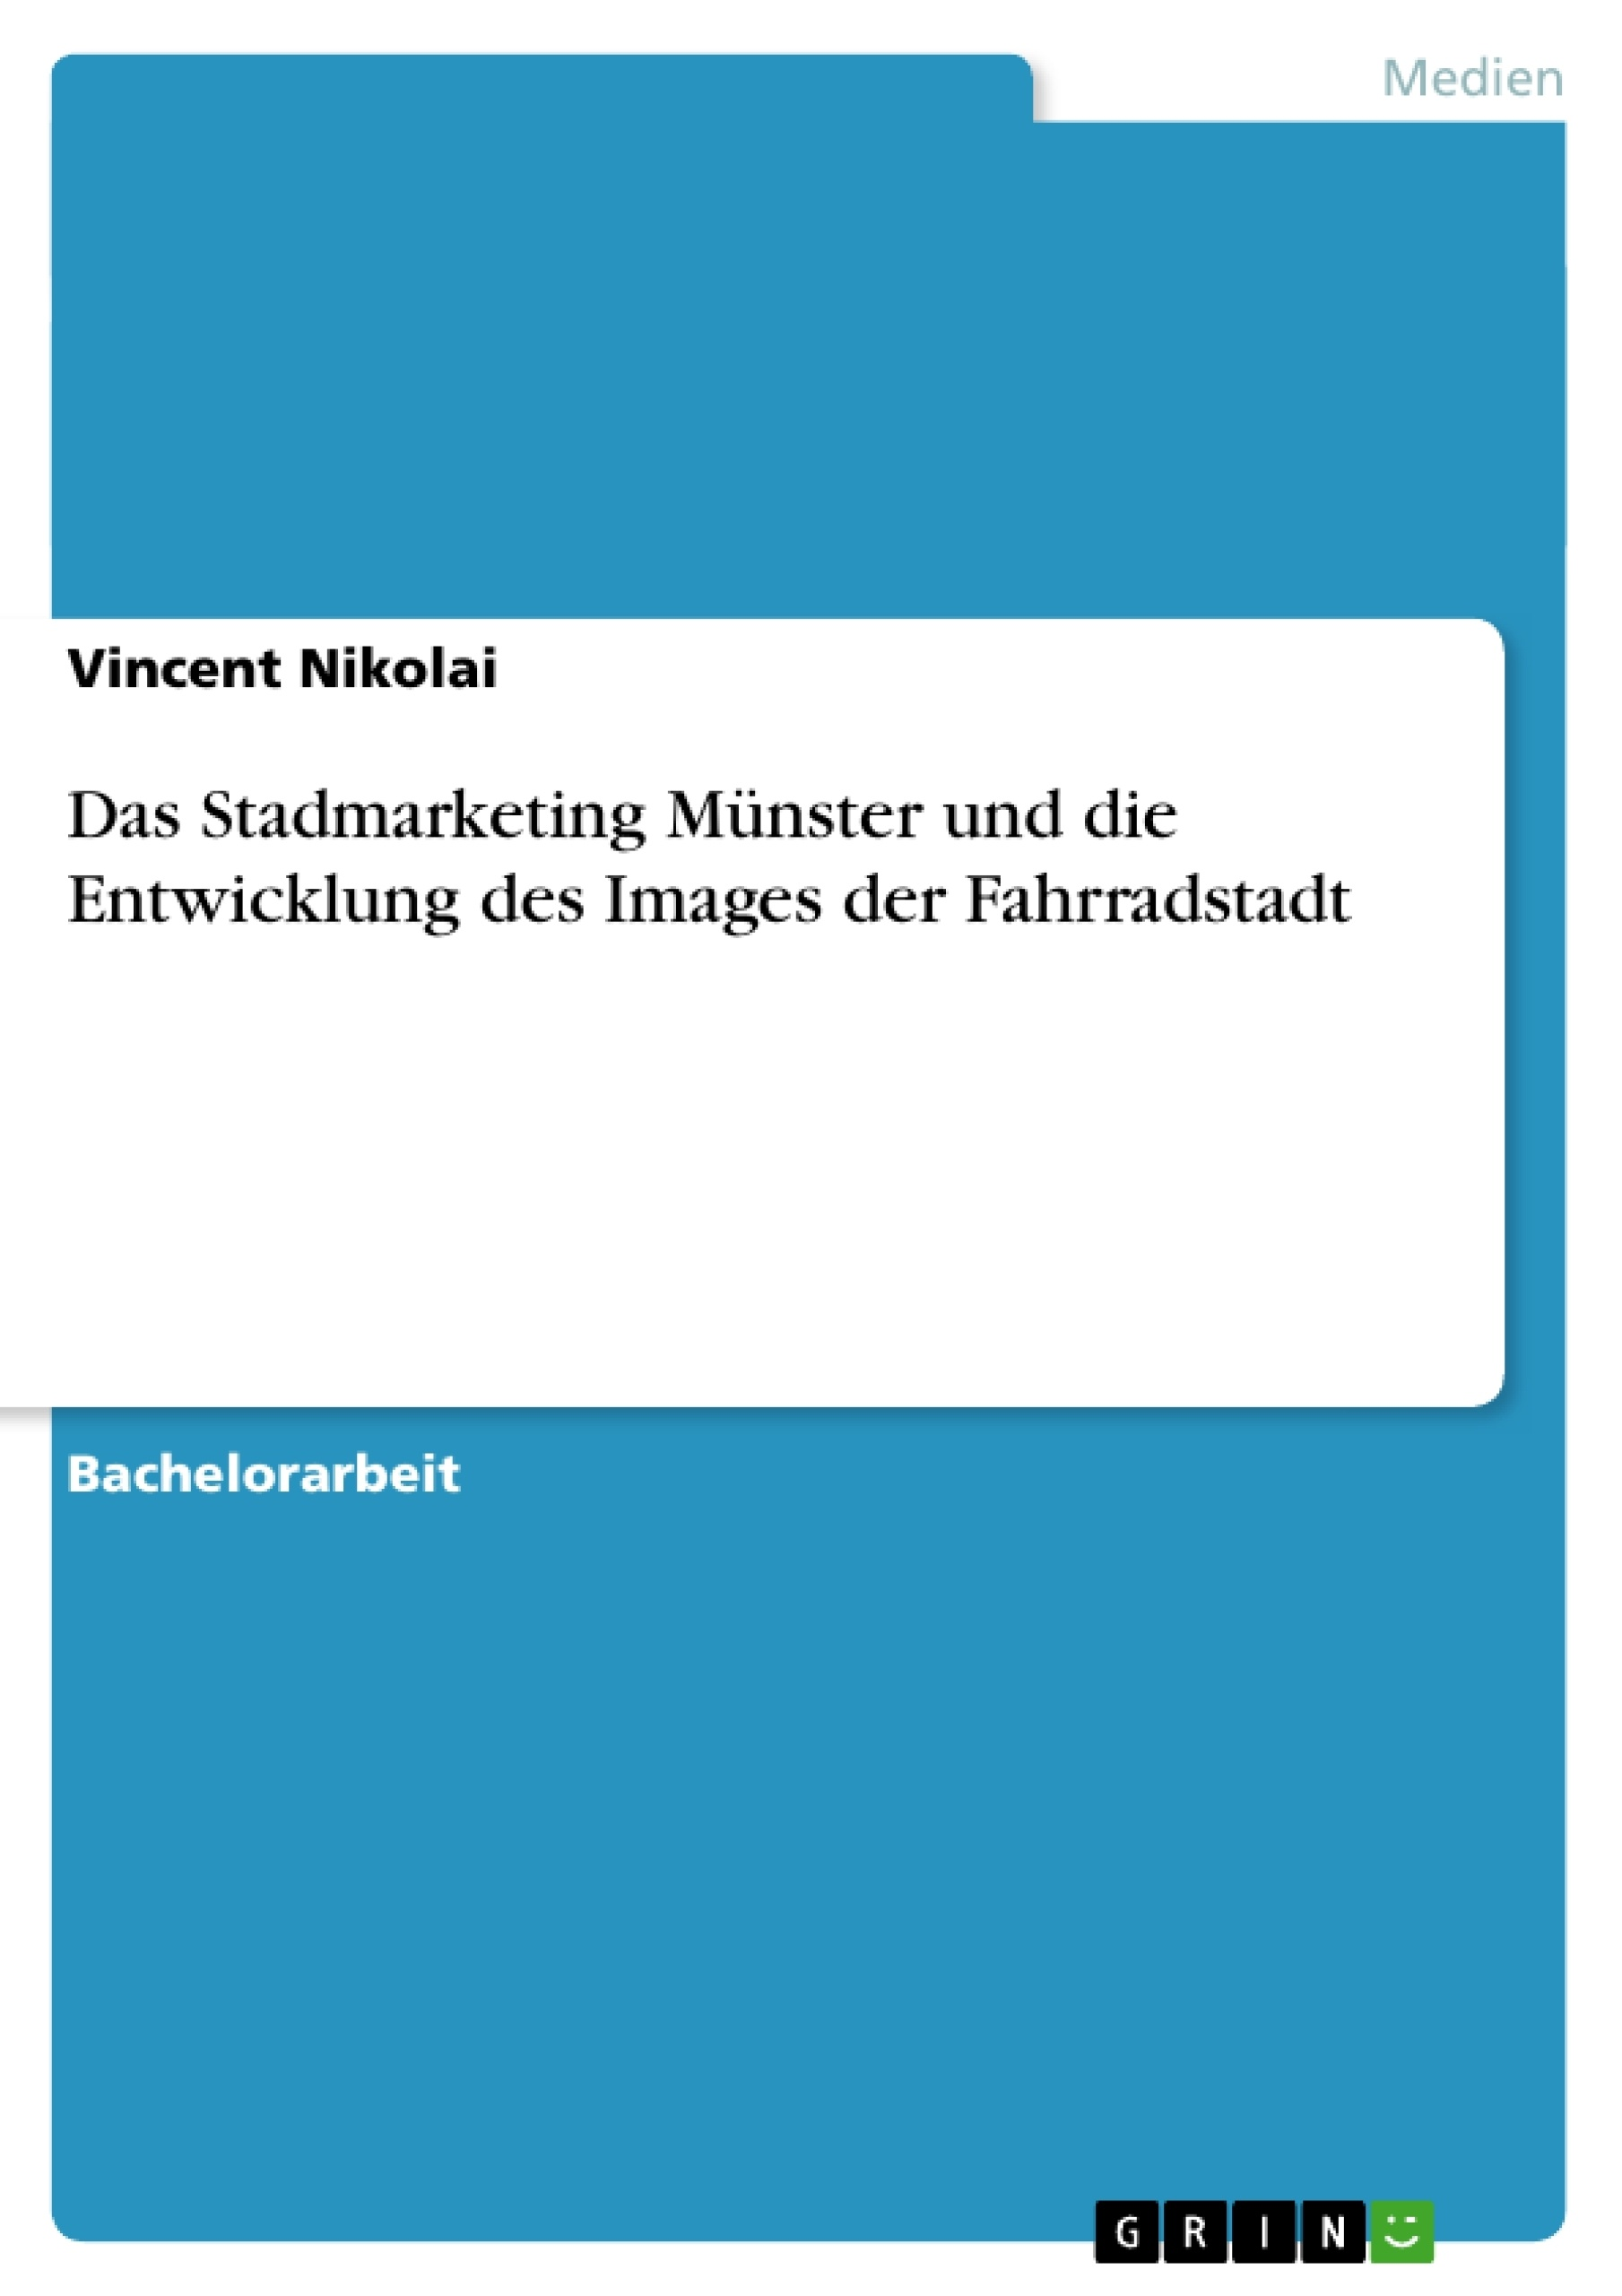 Titel: Das Stadmarketing Münster und die Entwicklung des Images der Fahrradstadt